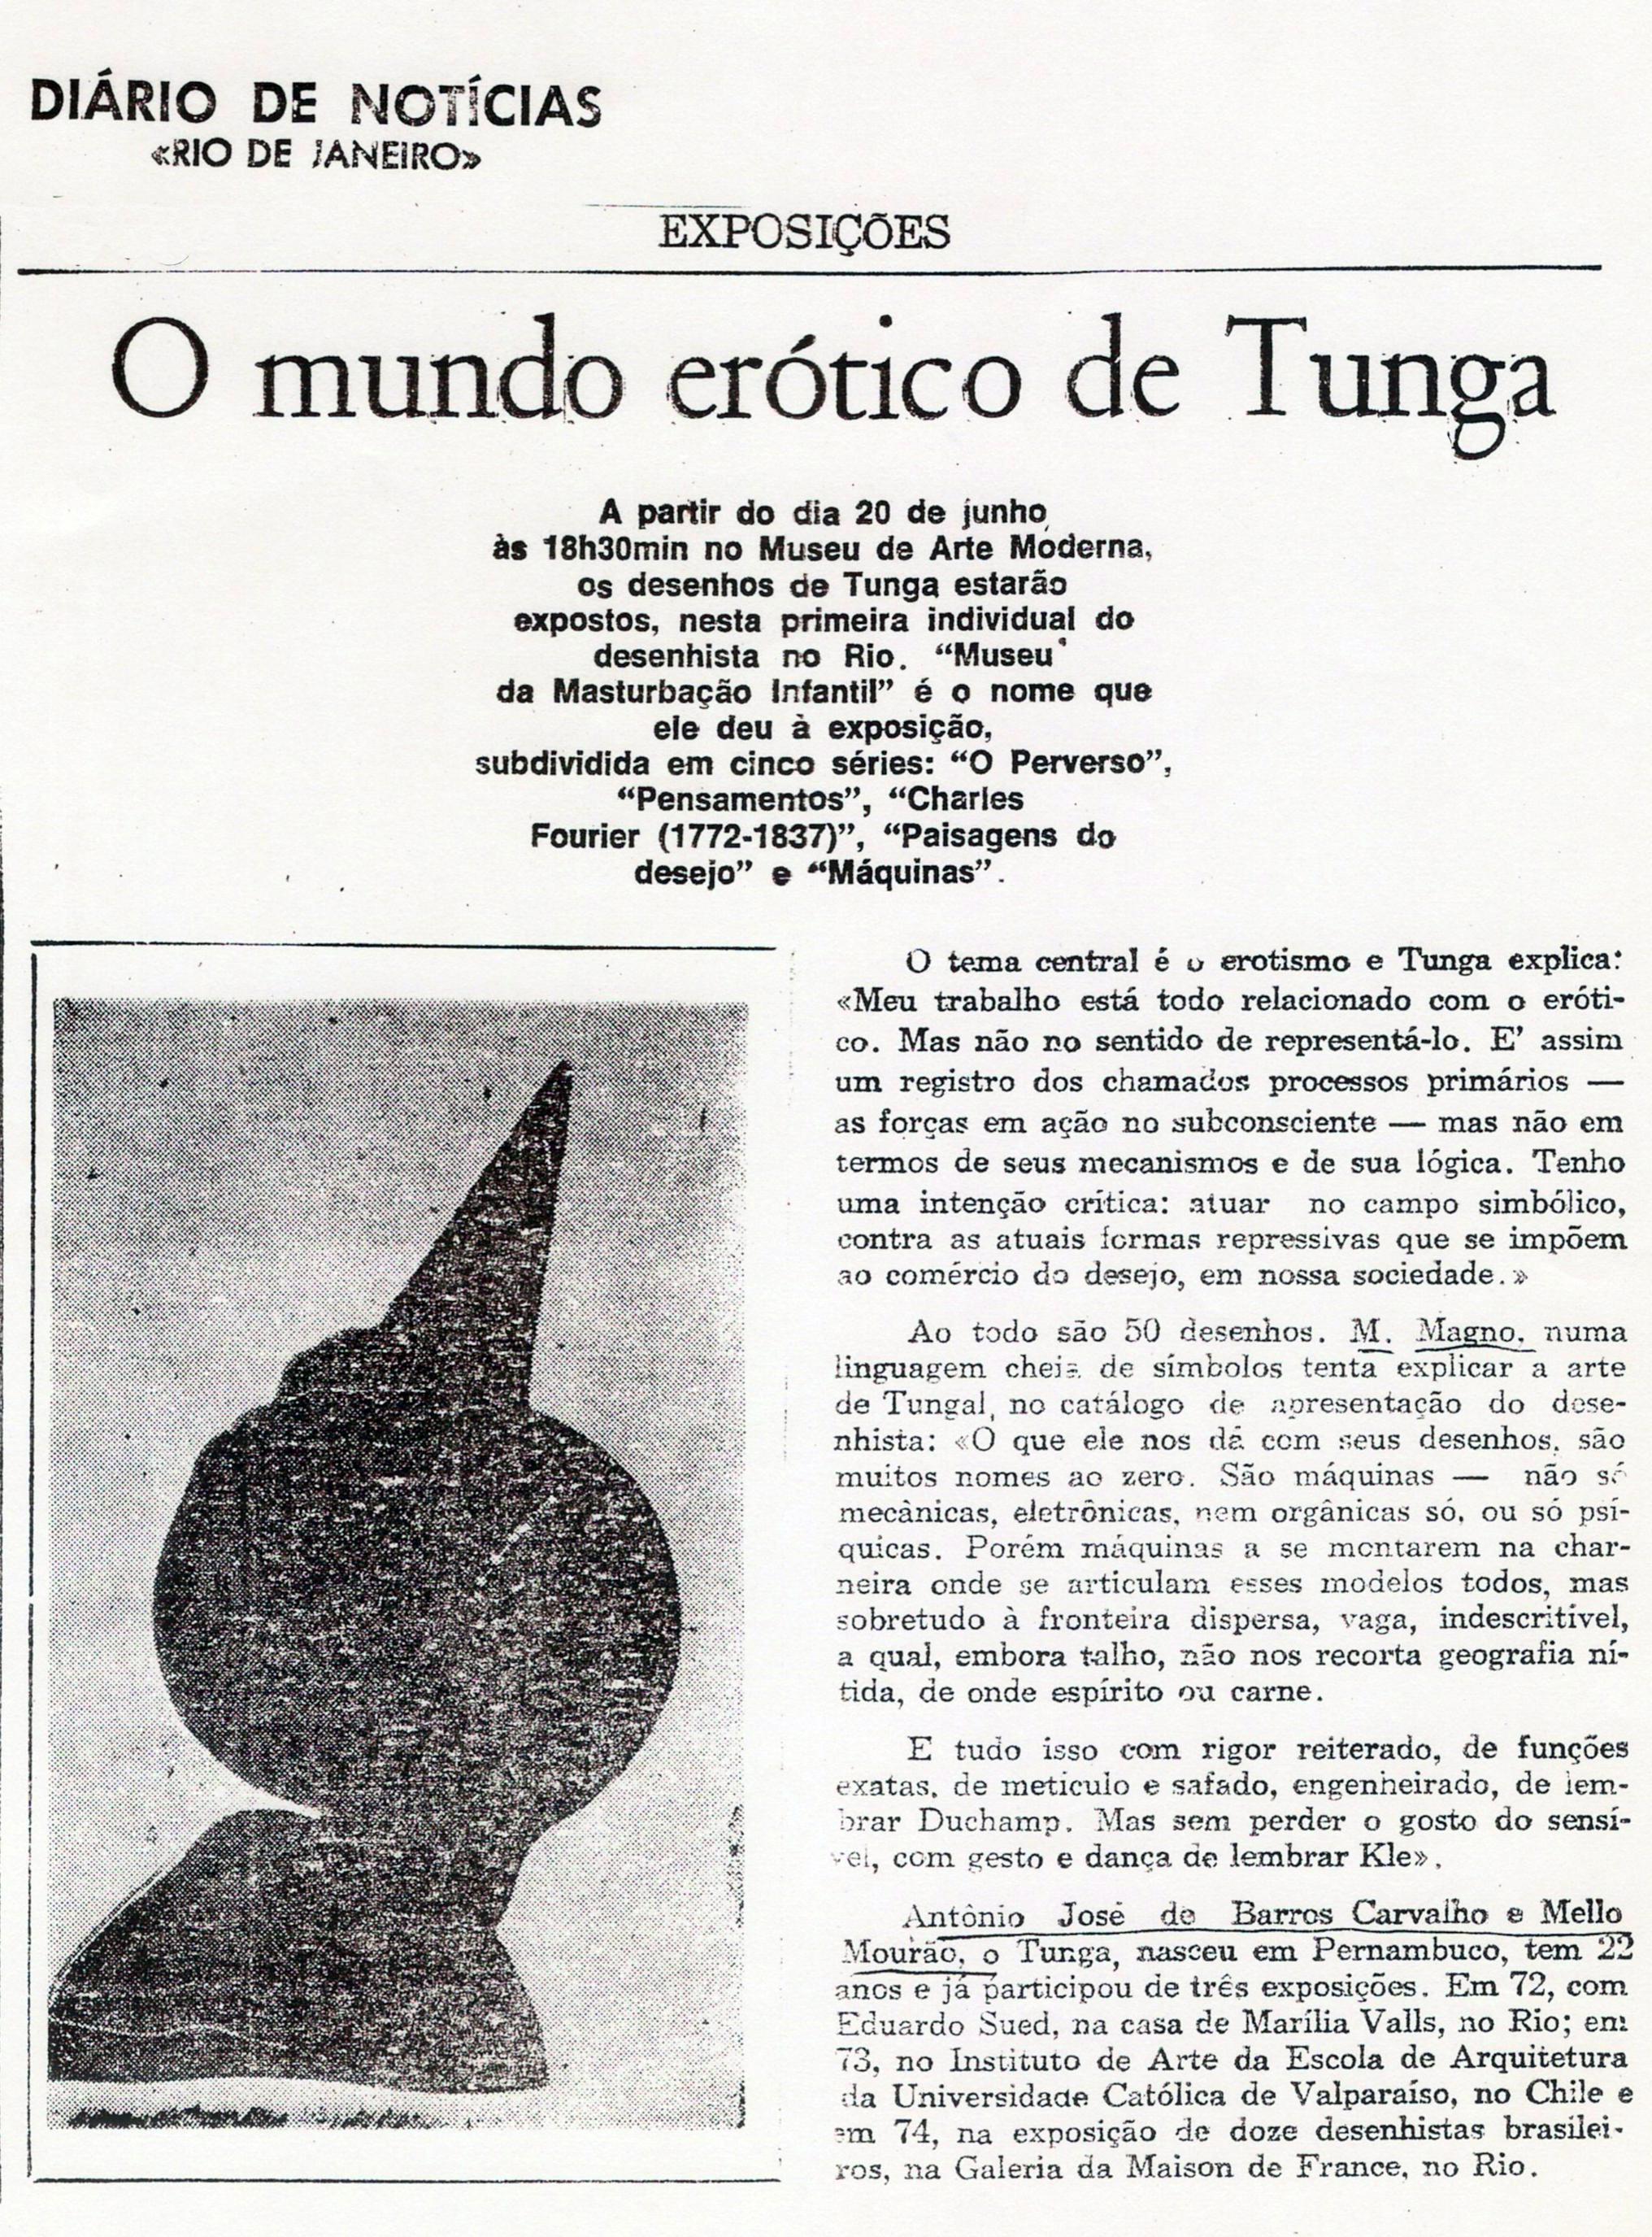 Exposição Individual – Museu de Arte Moderna do Rio de Janeiro